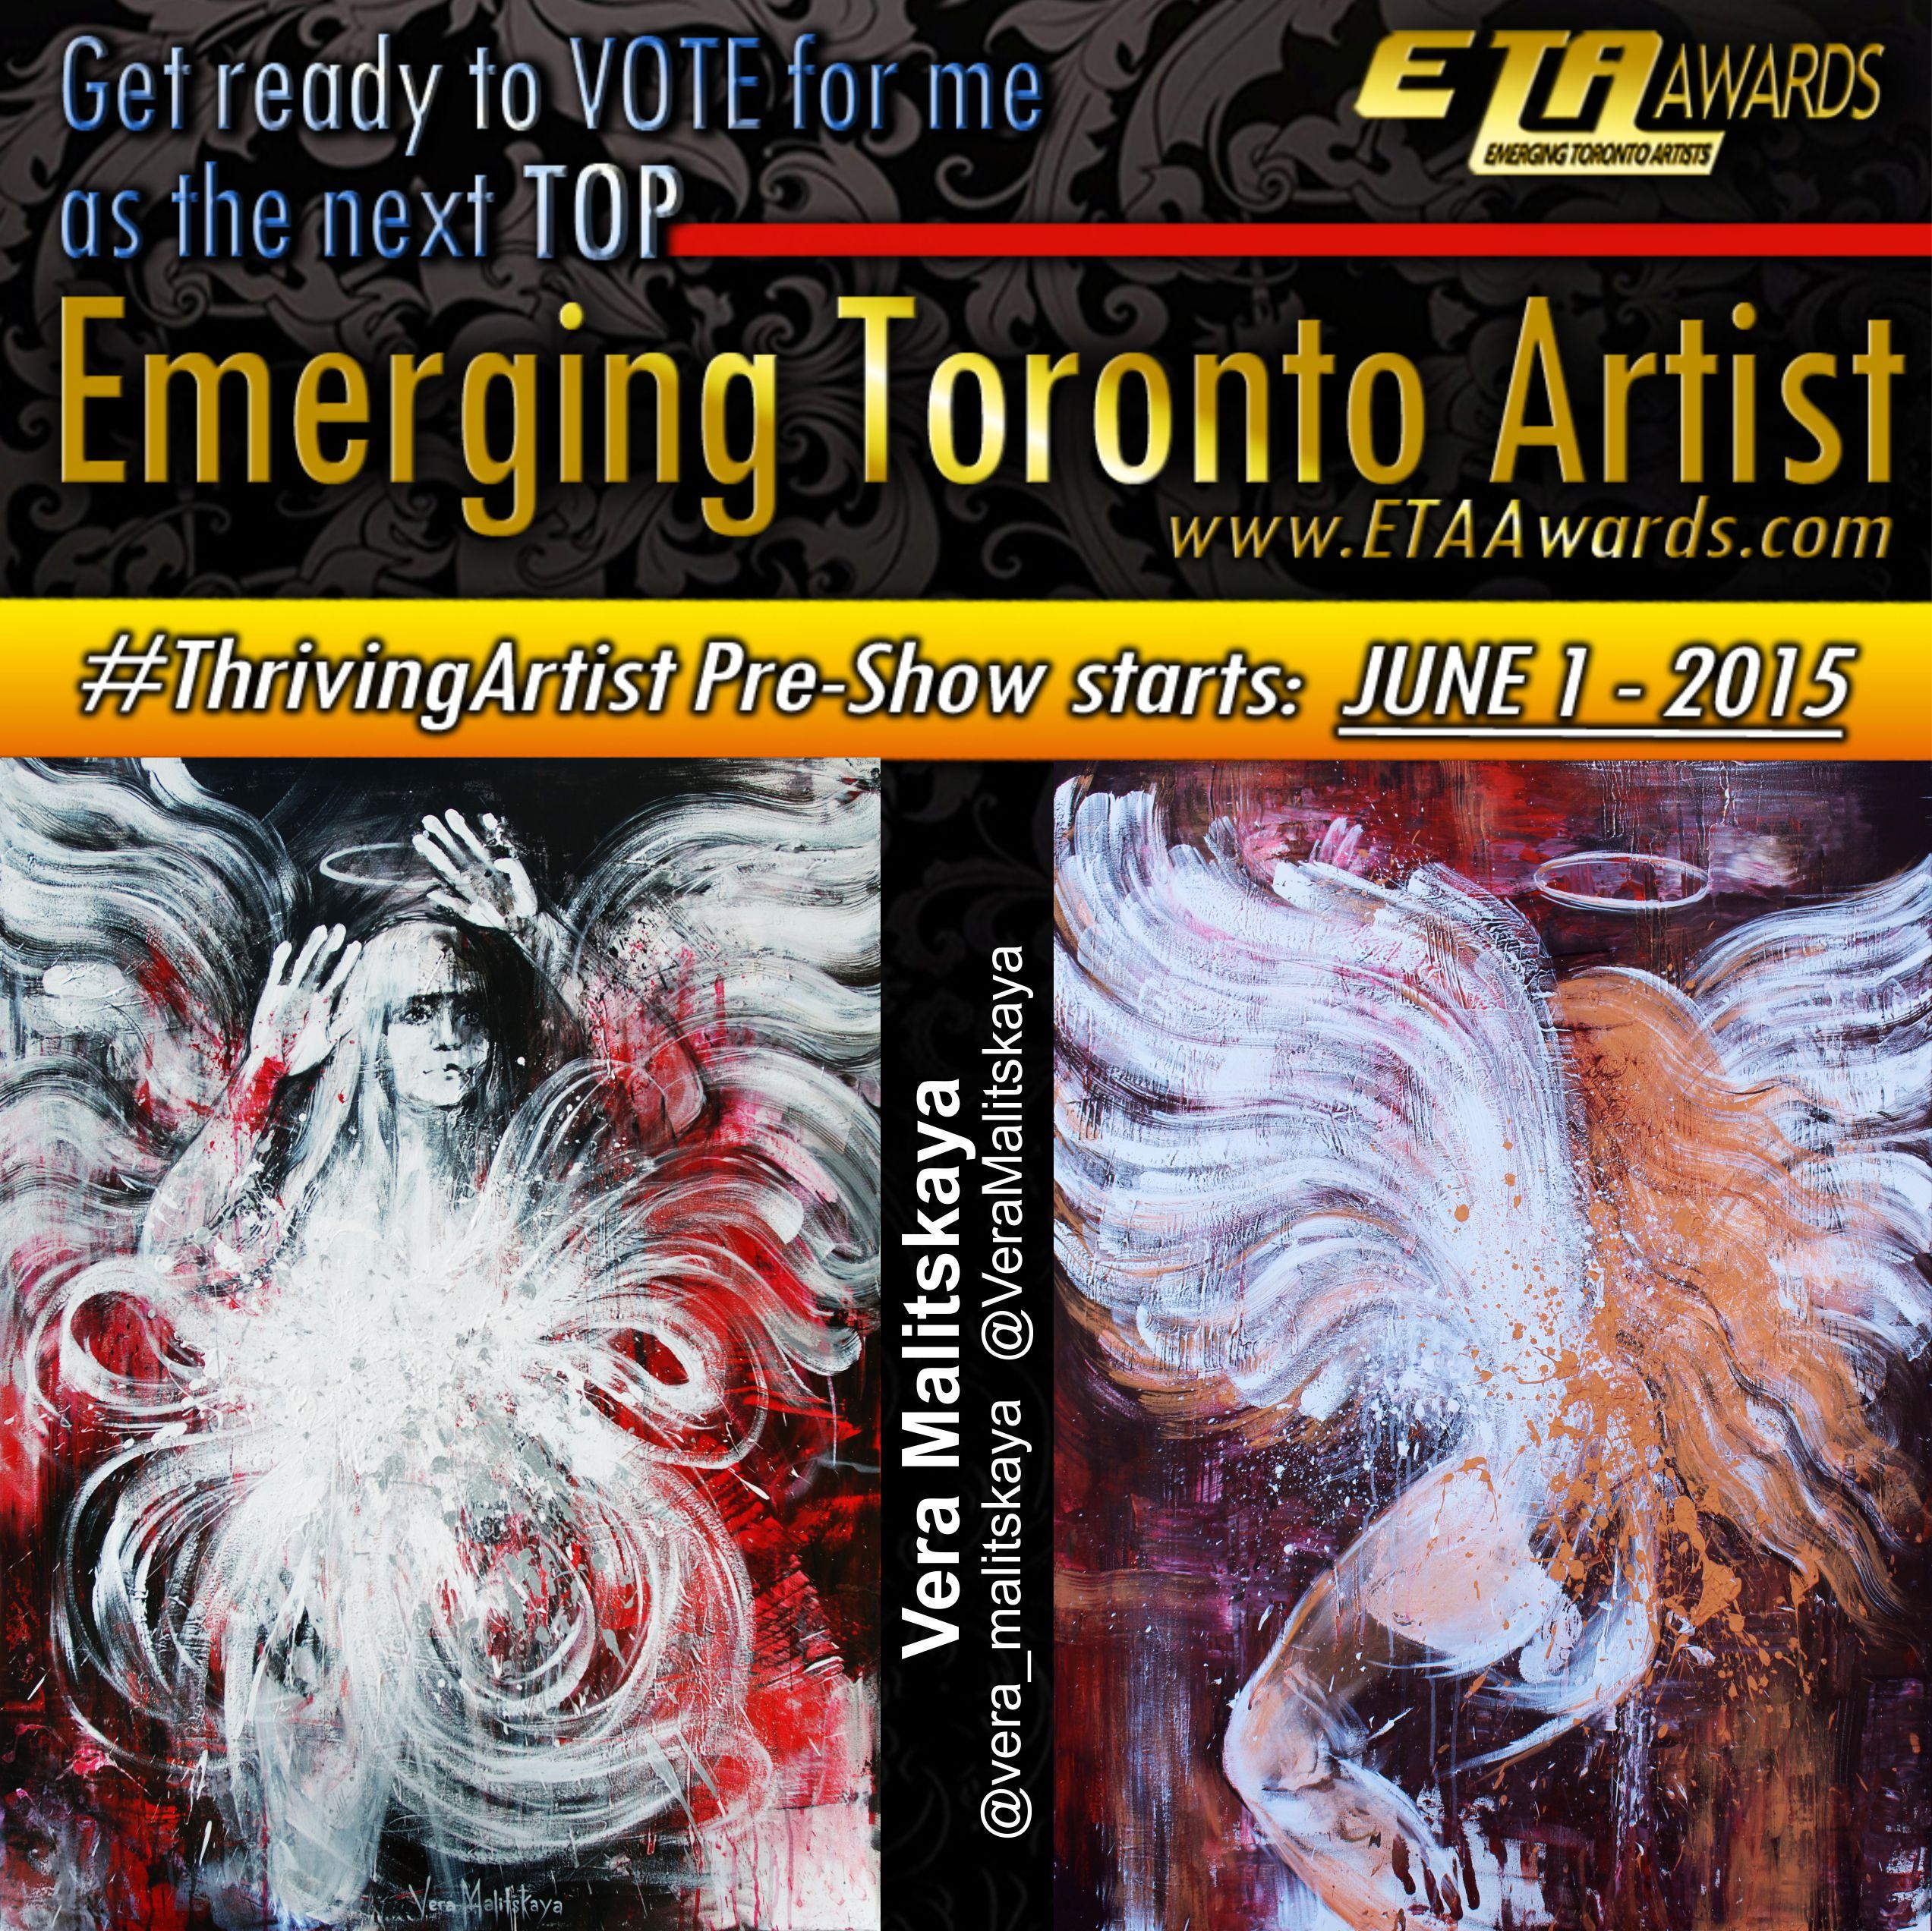 ETA Awards #ThrivingArtist Pre-Show